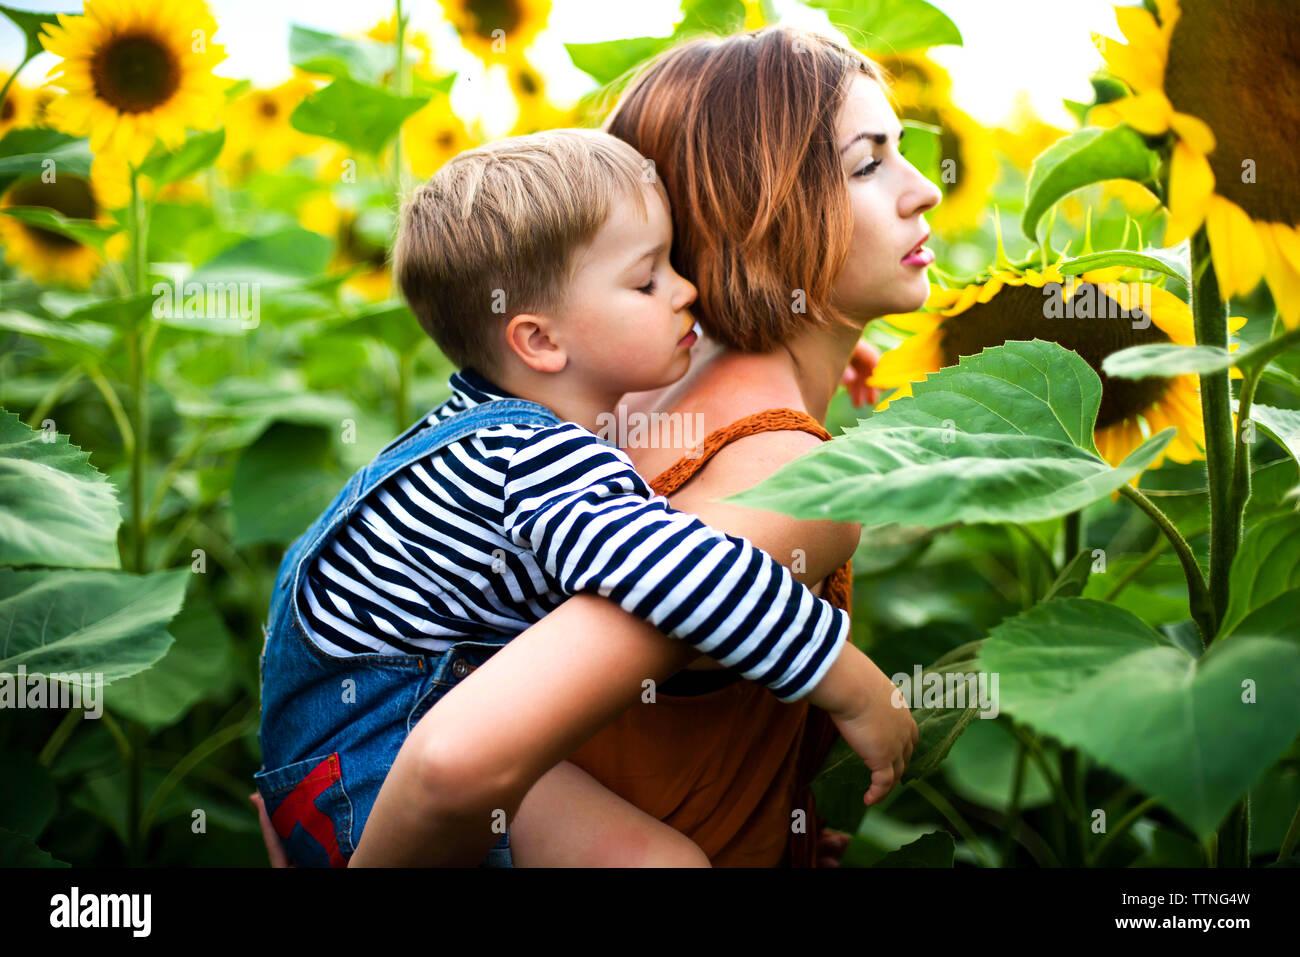 Femme debout dans le champ de tournesol, tenant son fils sur son dos. Banque D'Images